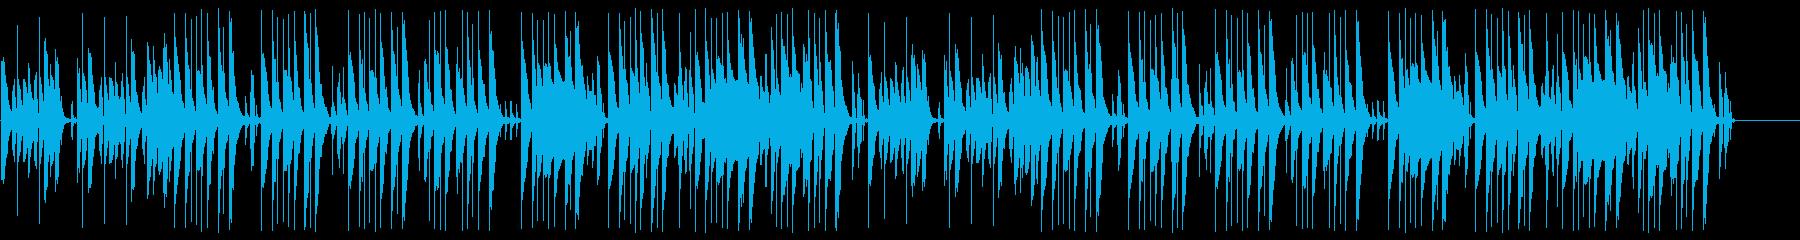 間の抜けたゆるい雰囲気のコミカルなBGMの再生済みの波形